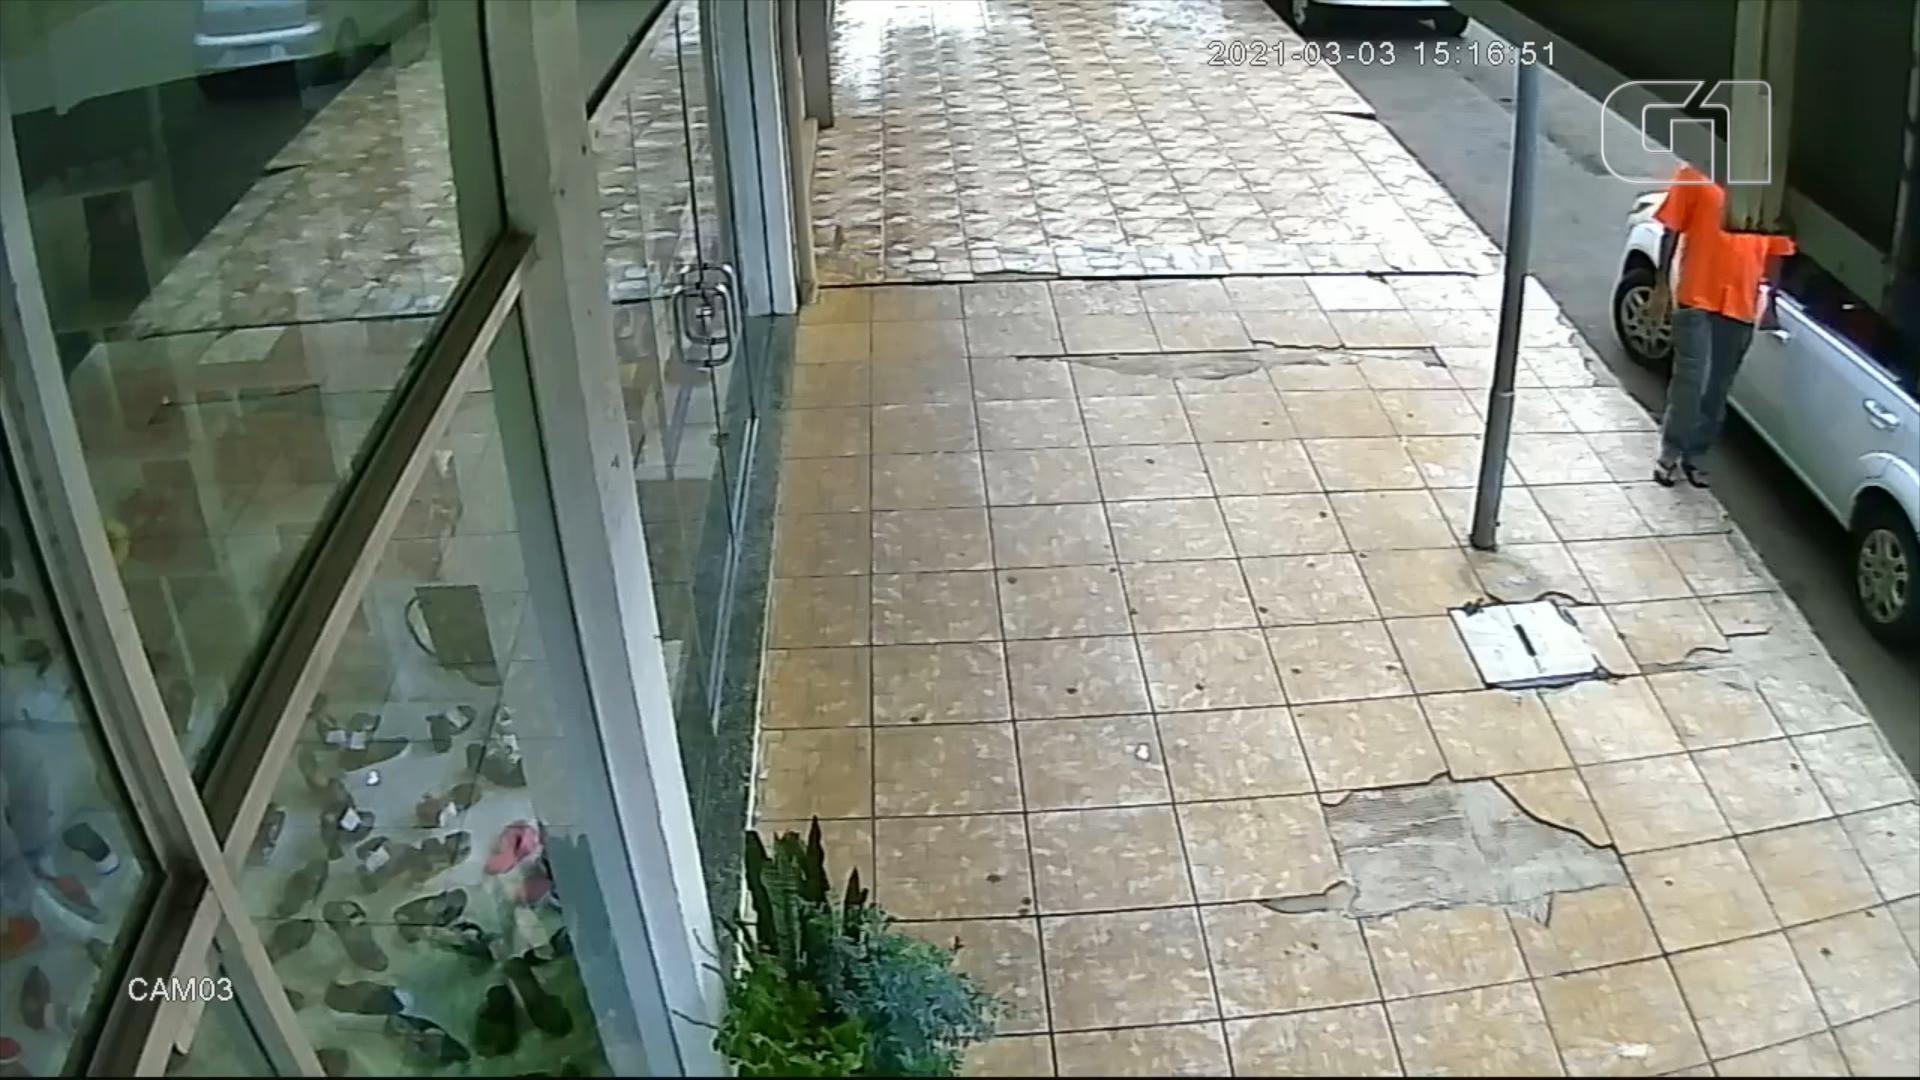 Homem com coronavírus é preso após passar a mão em maçaneta de carro; veja vídeo